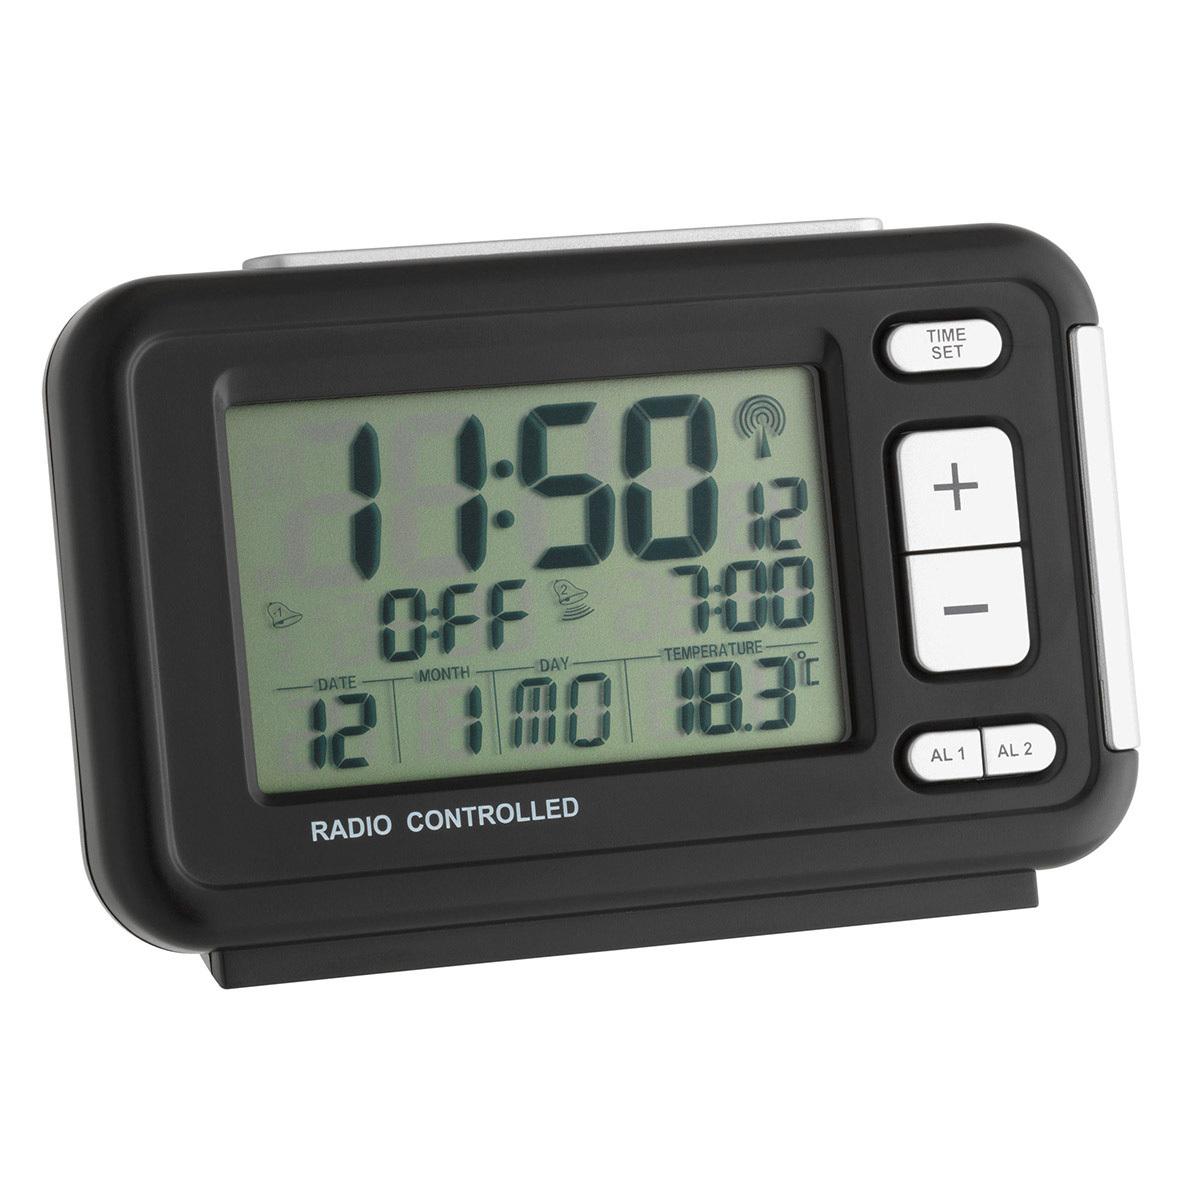 60-2500-digitaler-funk-wecker-mit-temperatur-ansicht-1200x1200px.jpg